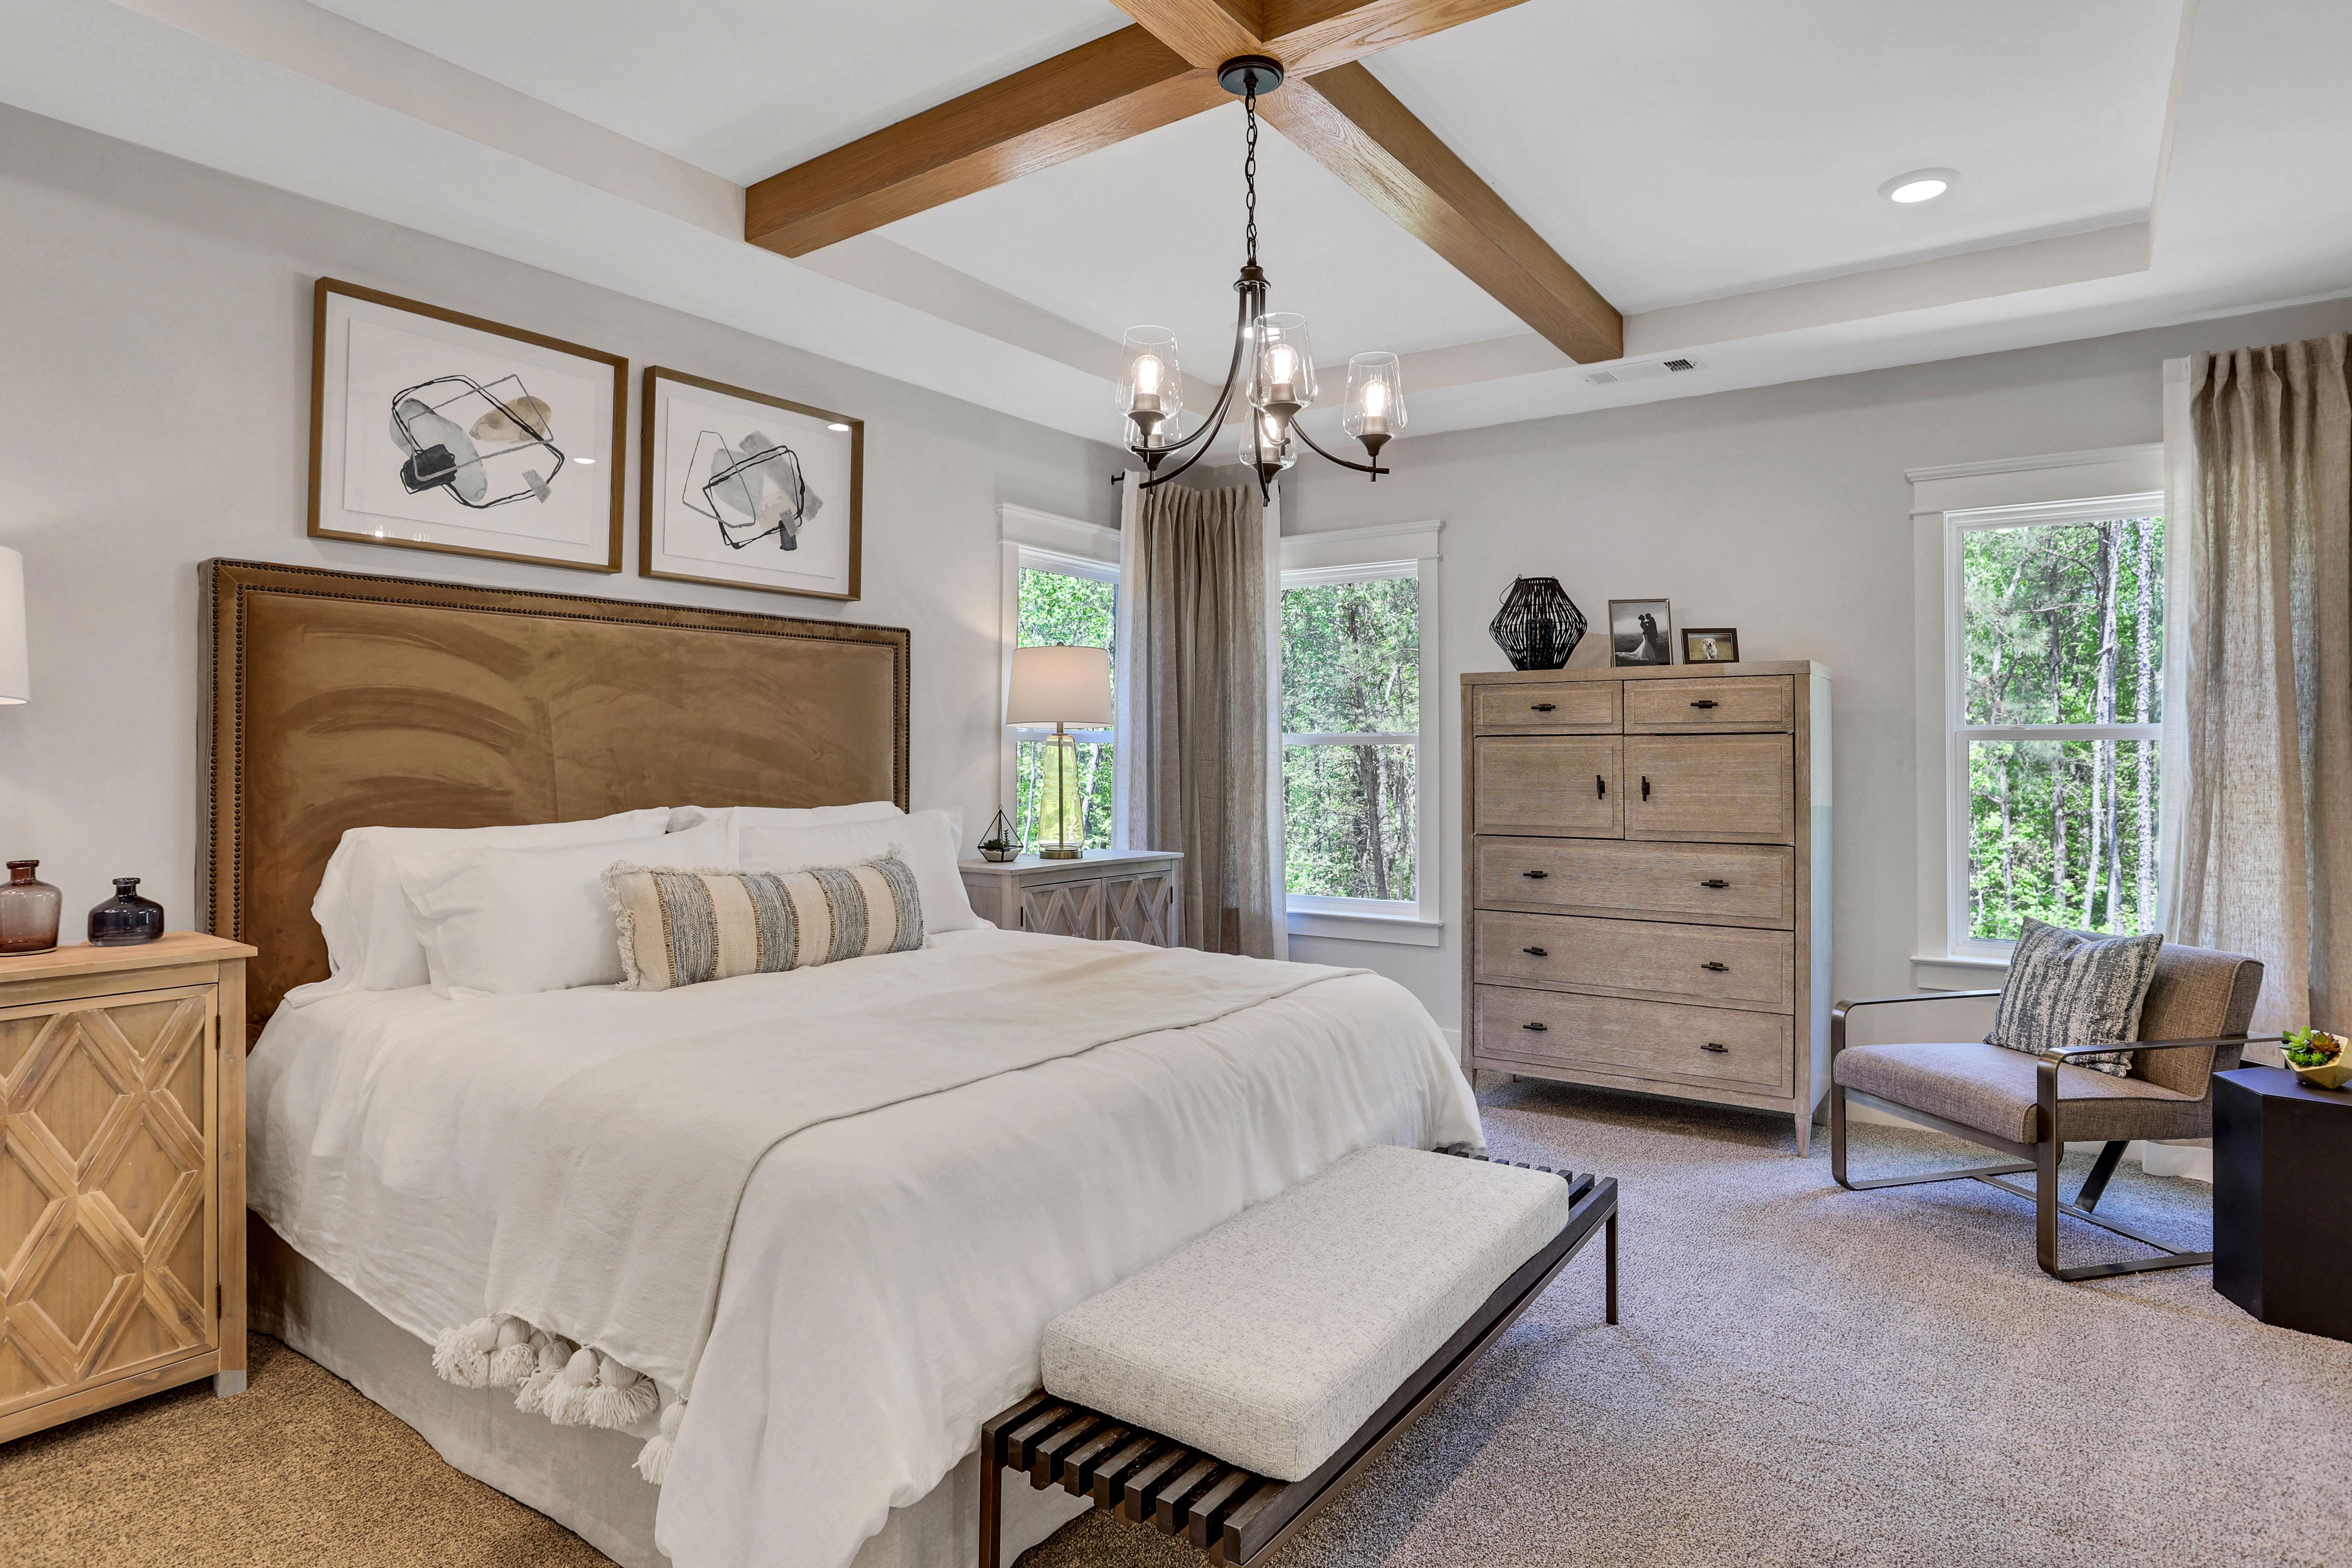 Roanoke Owner's Bedroom